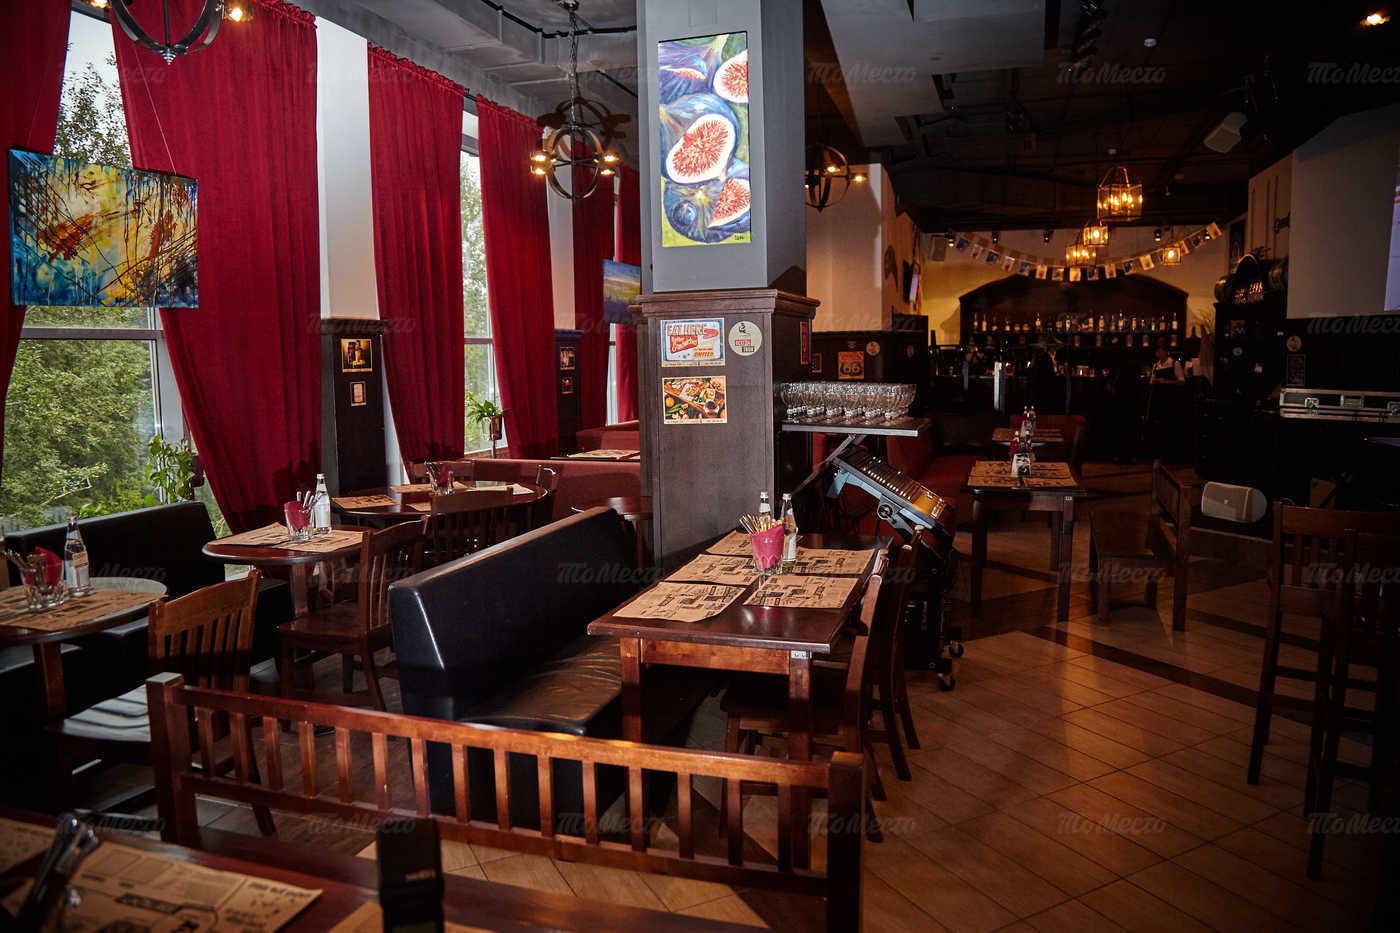 Меню пивного ресторана Frau Muller (Фрау Мюллер) на улице 8 Марта